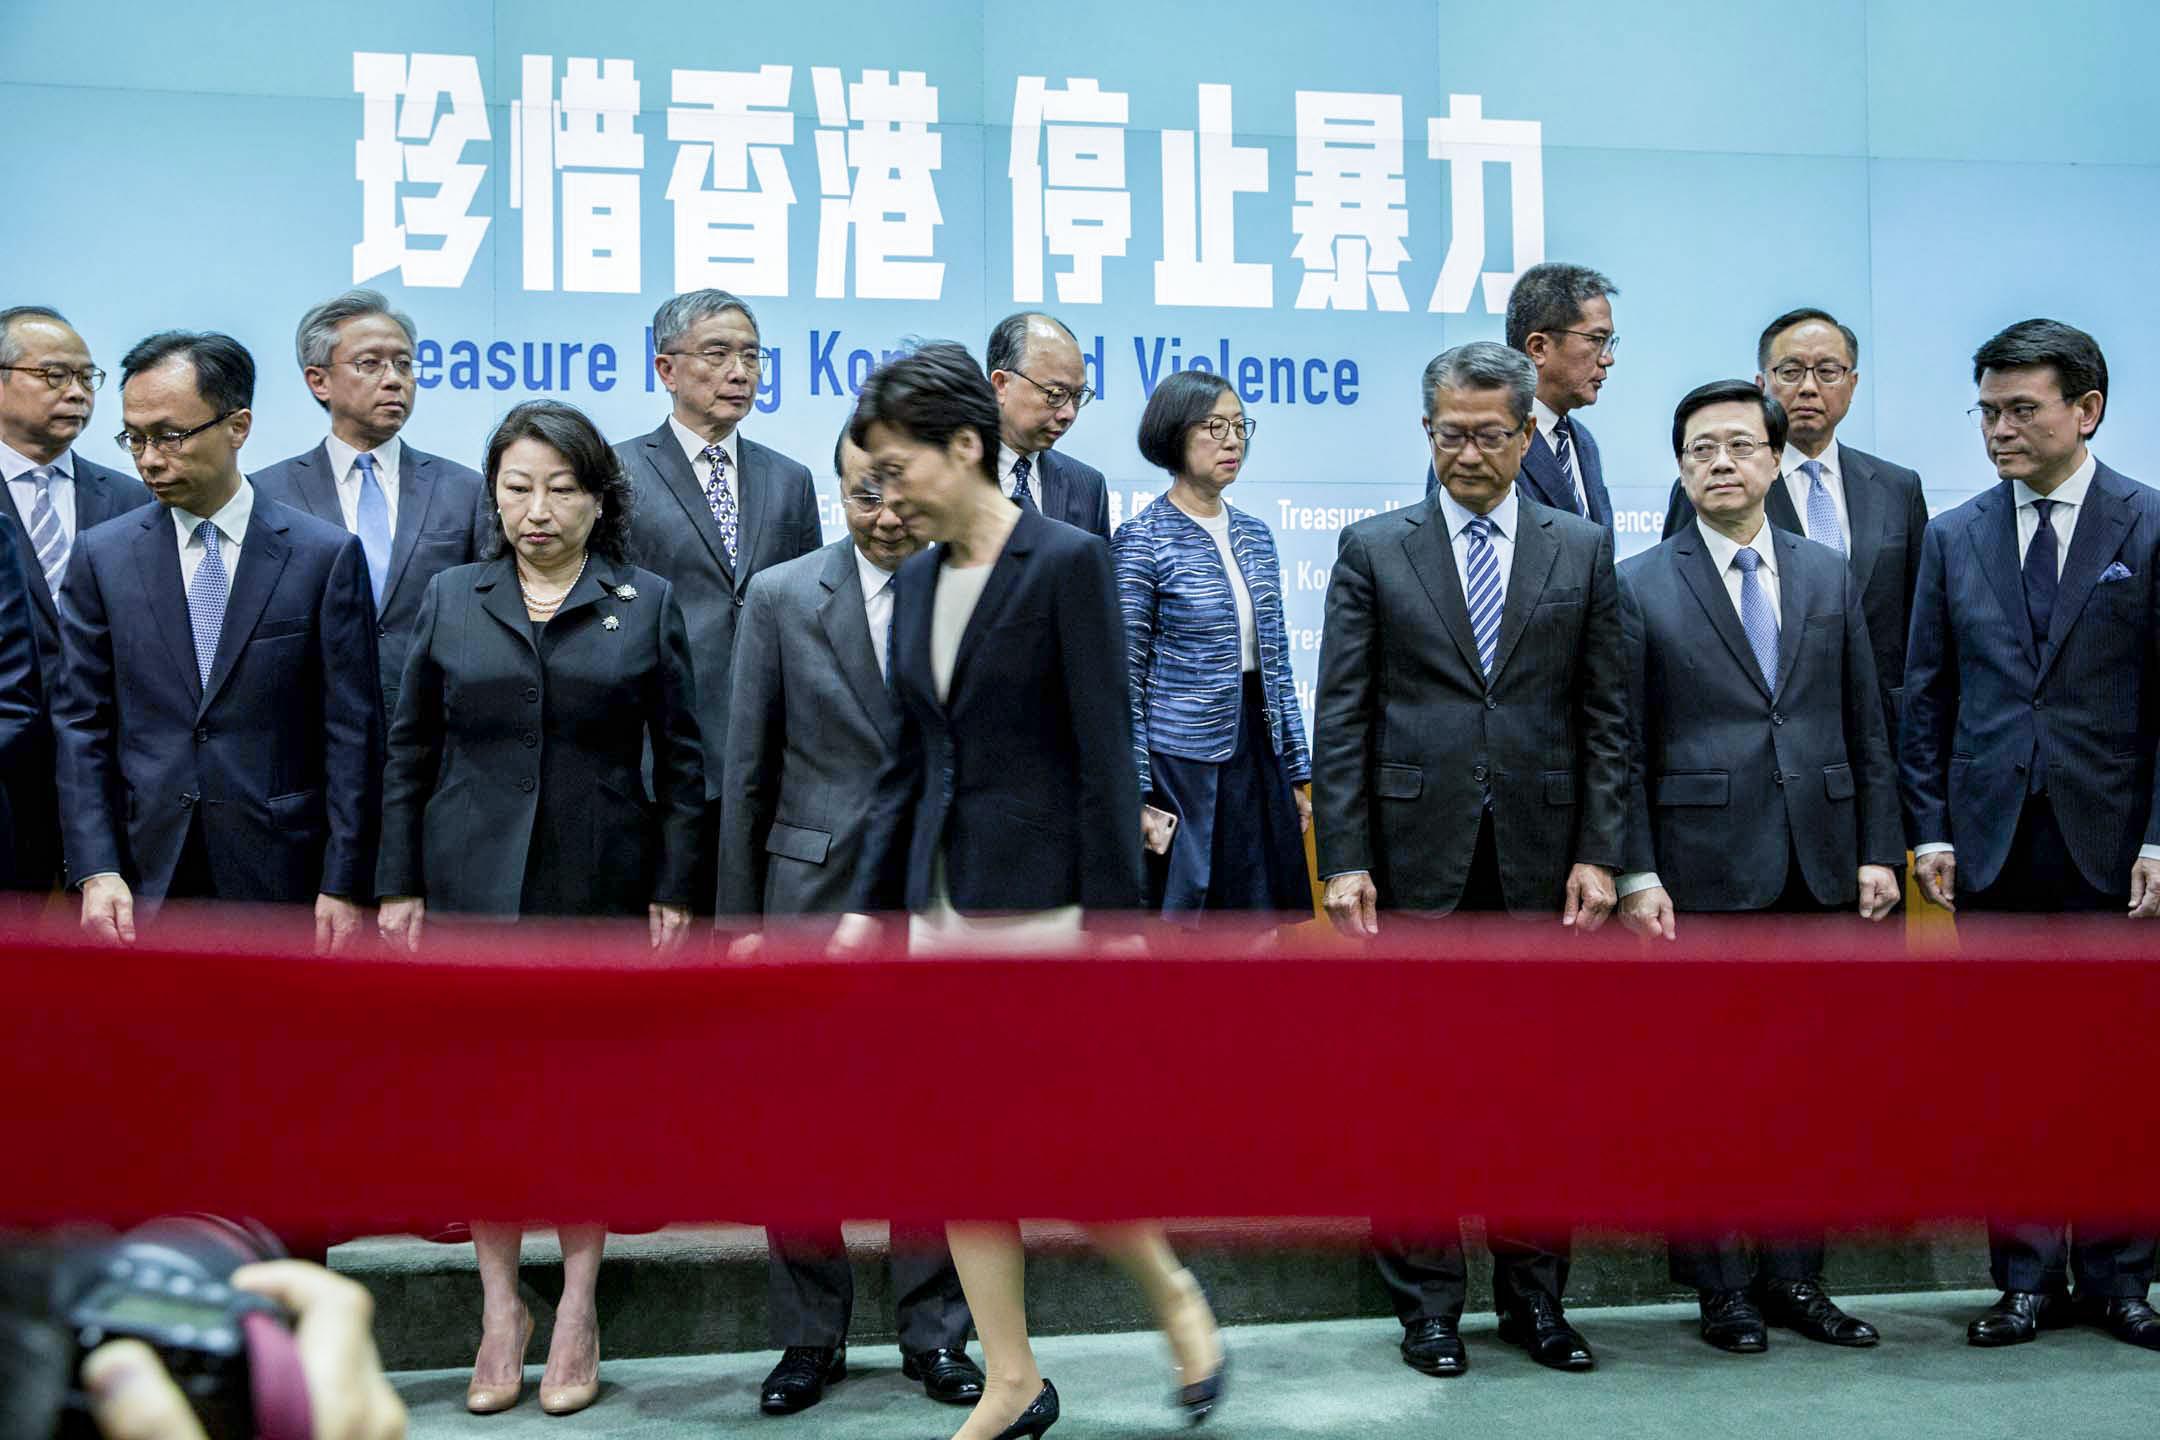 2019年10月4日,林鄭月娥宣布引用緊急法訂立《禁止蒙面規例》,於10月5日實施。